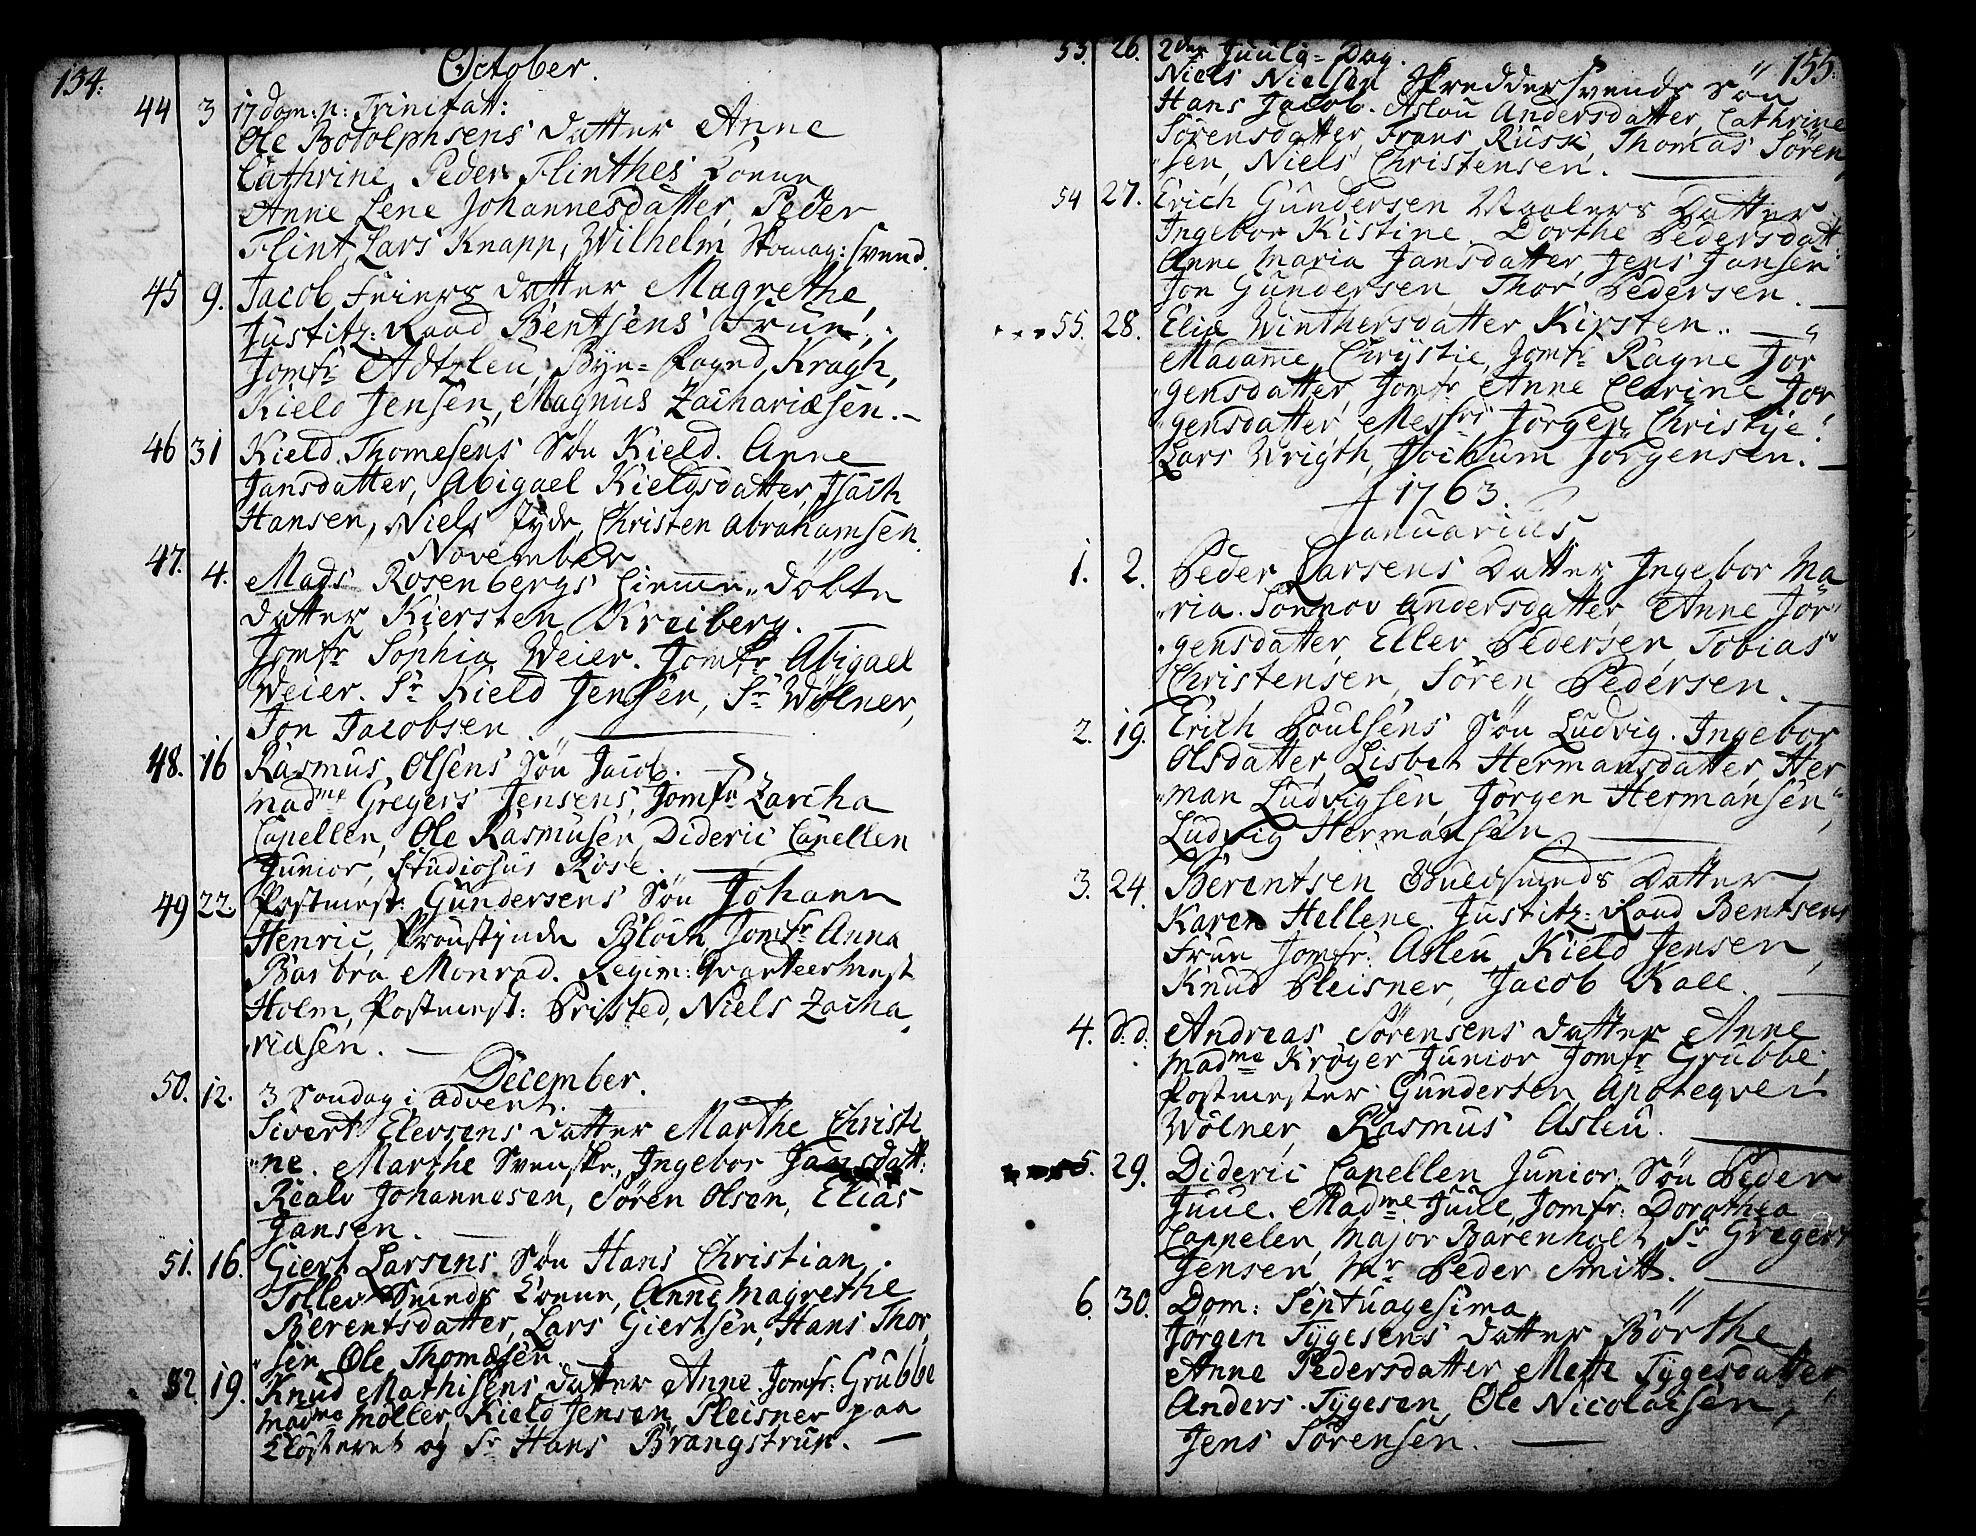 SAKO, Skien kirkebøker, F/Fa/L0003: Ministerialbok nr. 3, 1755-1791, s. 154-155